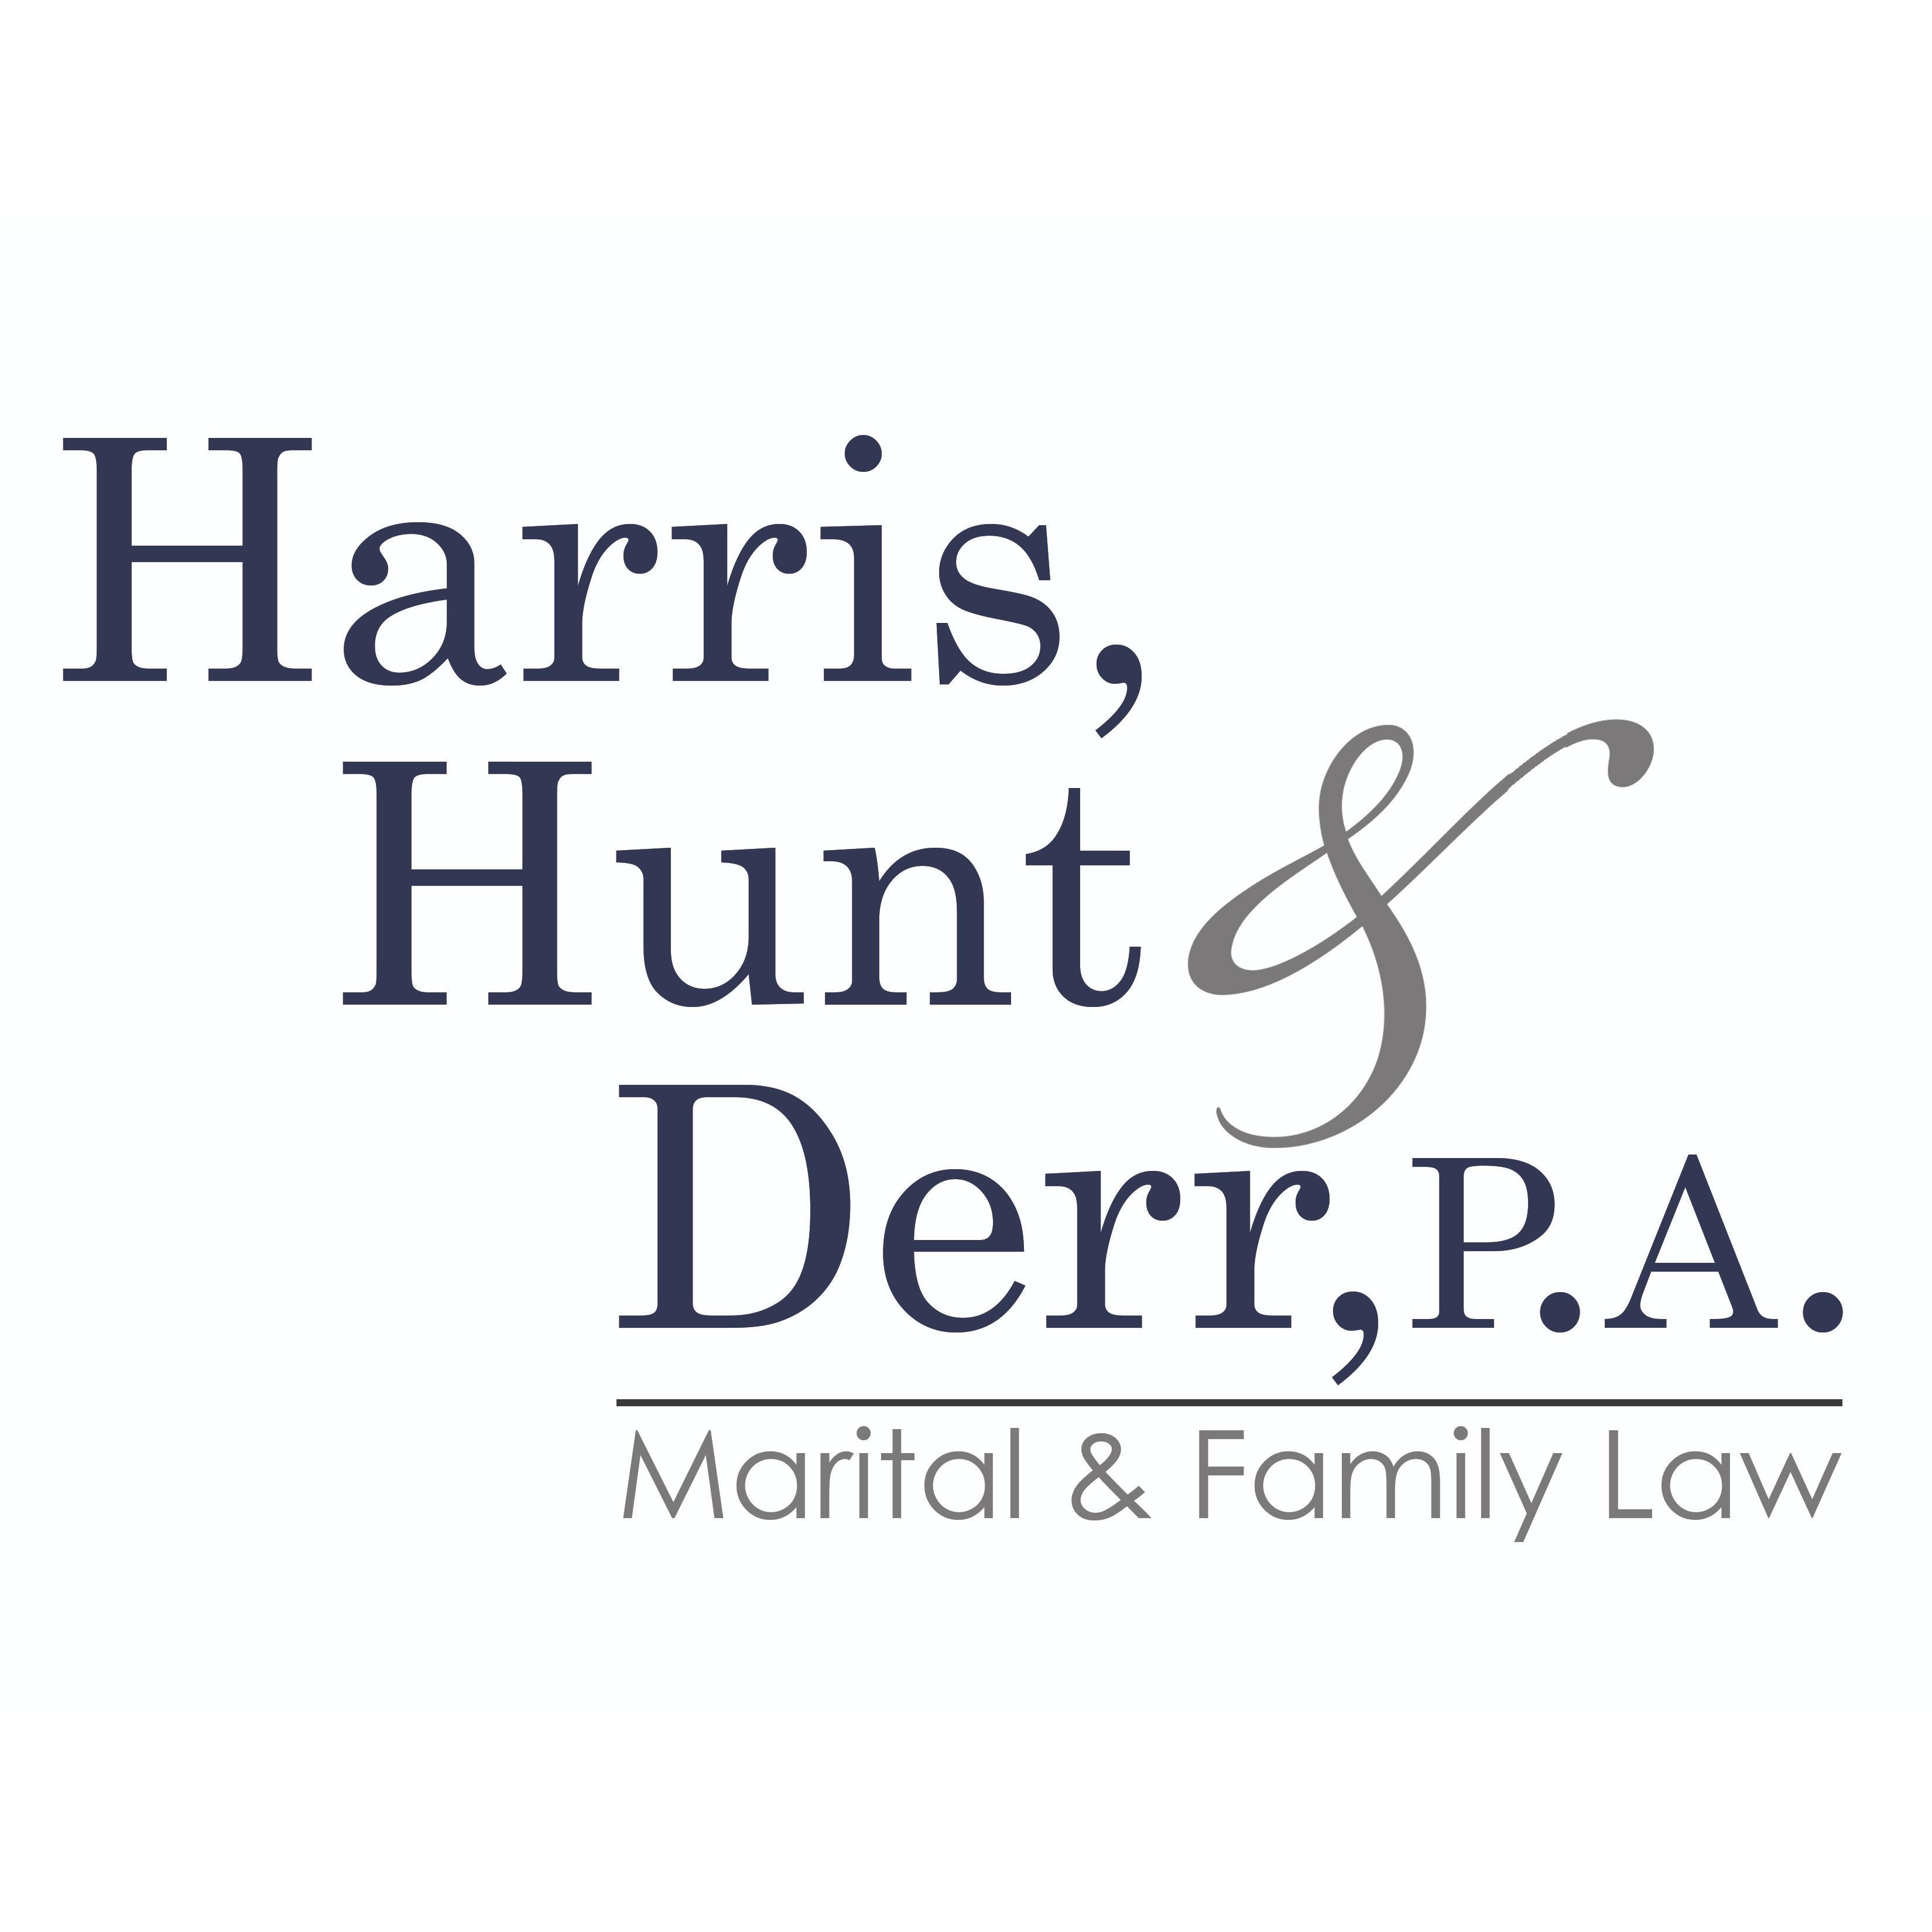 Harris, Hunt & Derr, P.A.